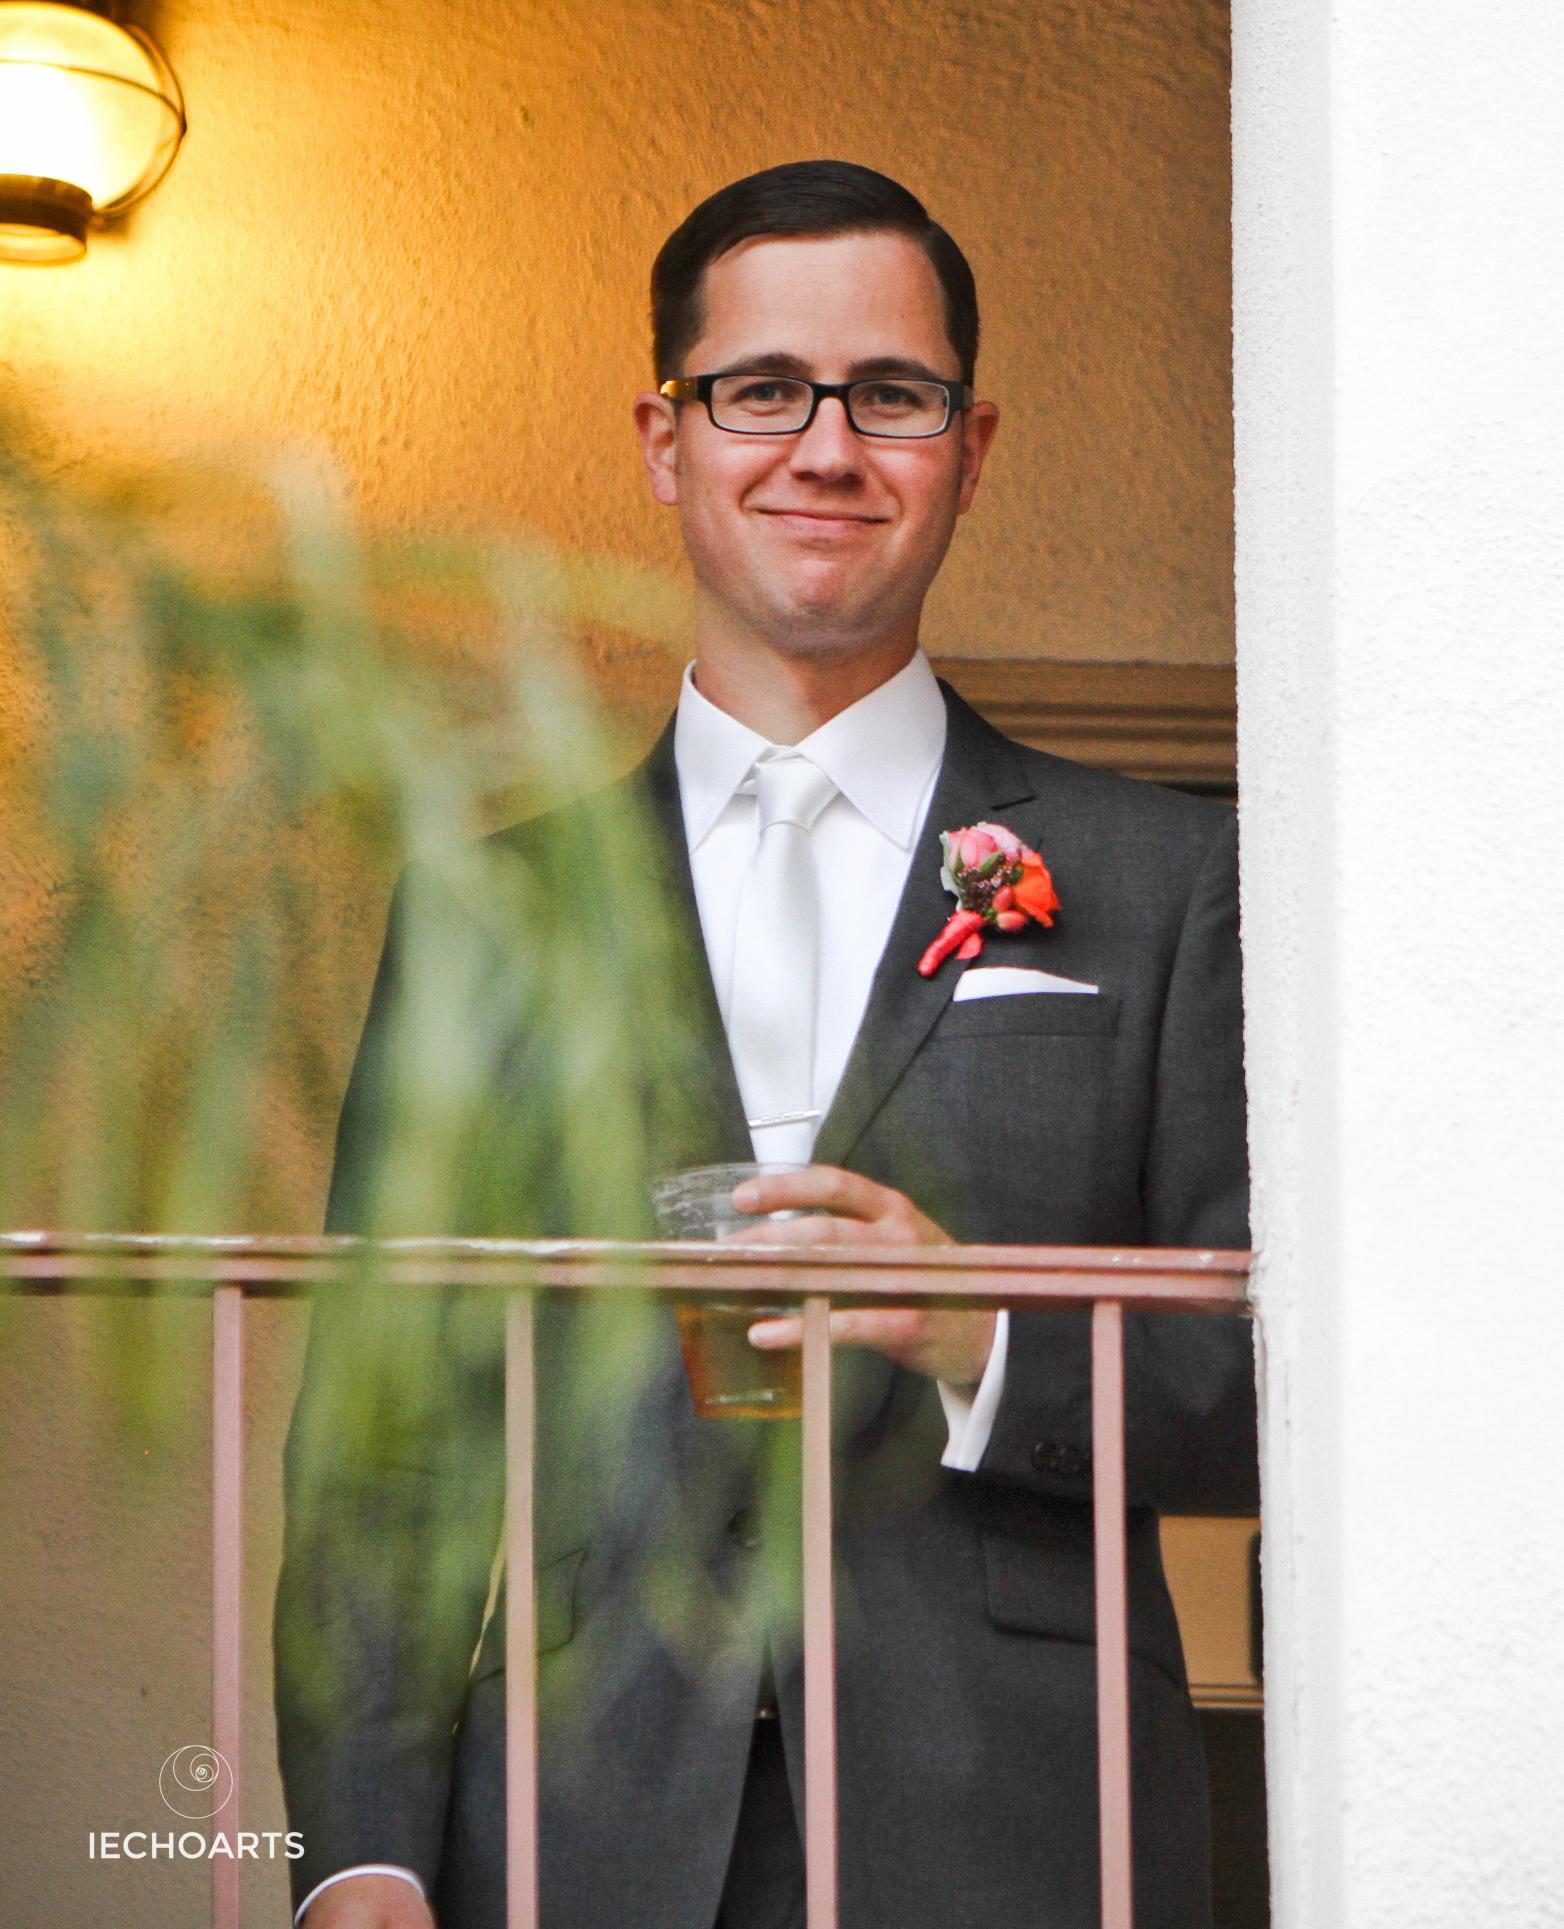 IEcho Arts wedding-14.jpg